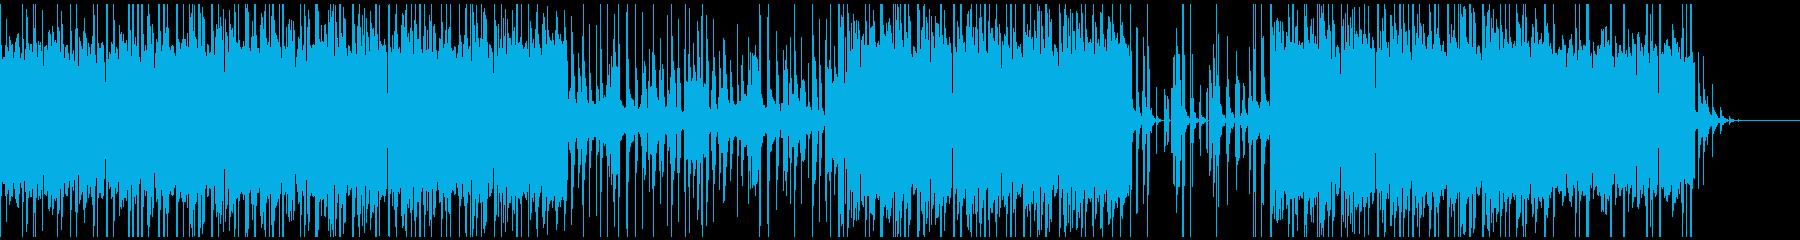 ギターとシンセを使った軽いエレクトロニカの再生済みの波形